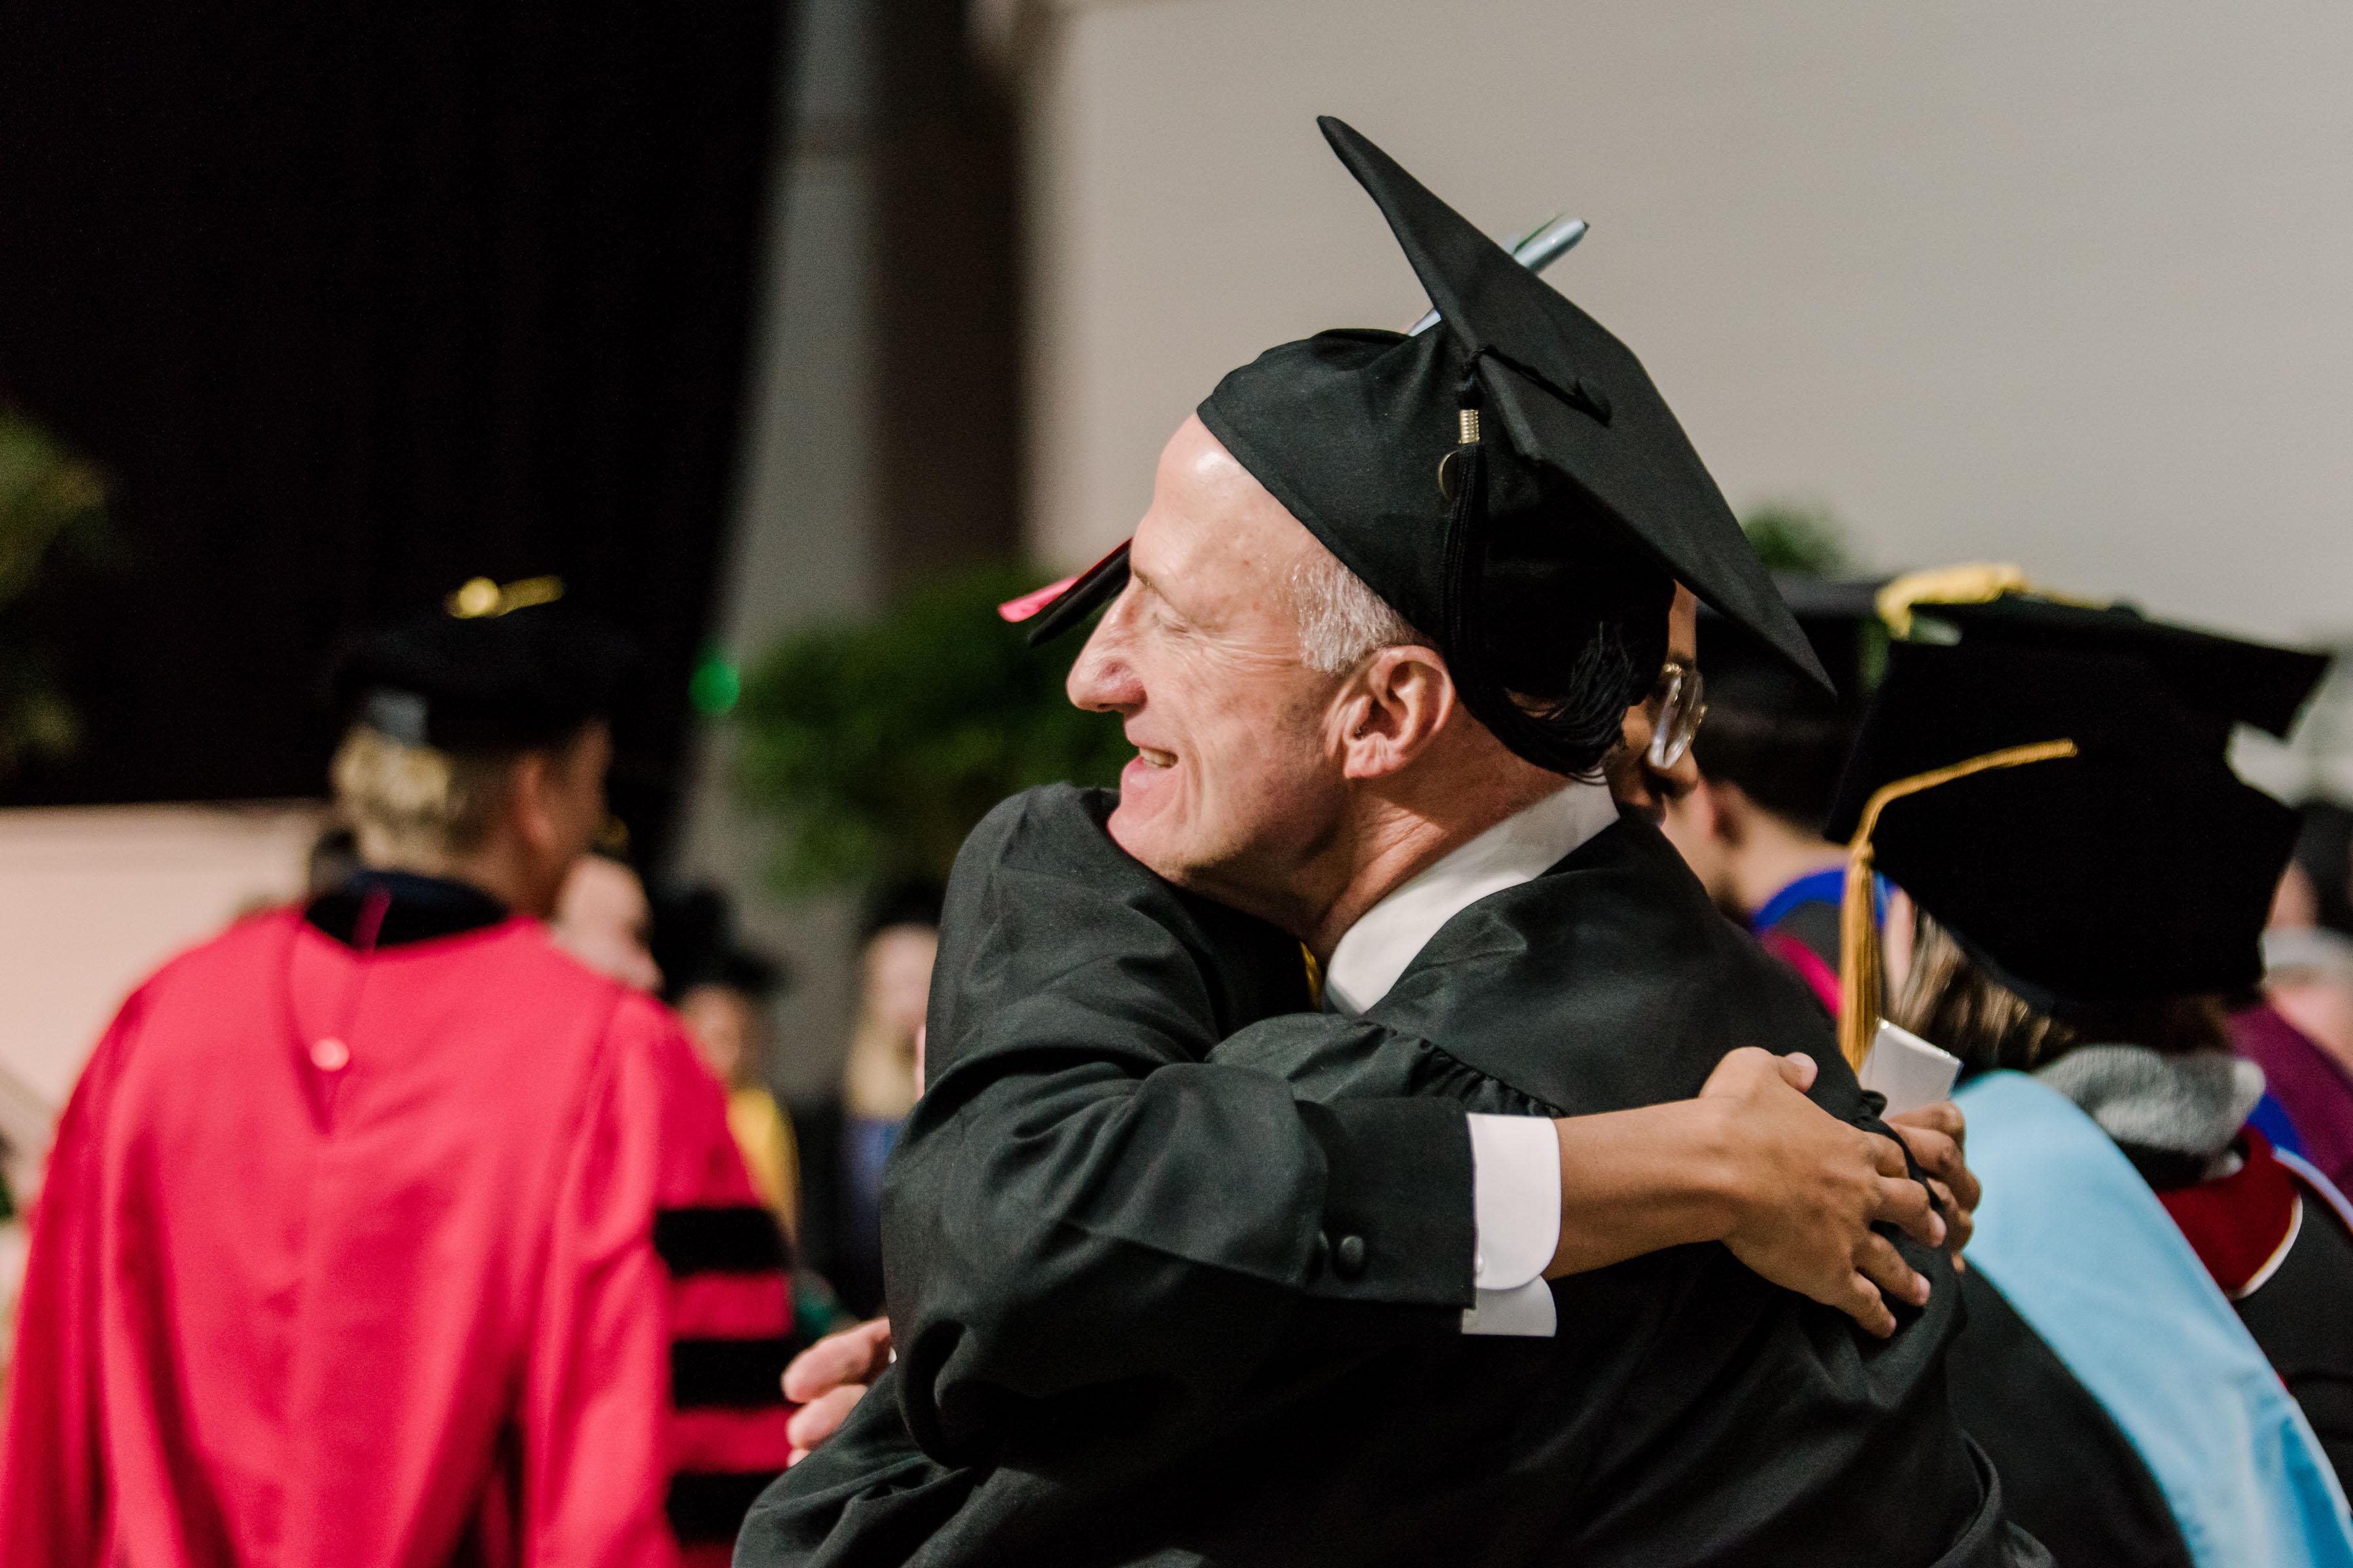 hugging people in graduation garb